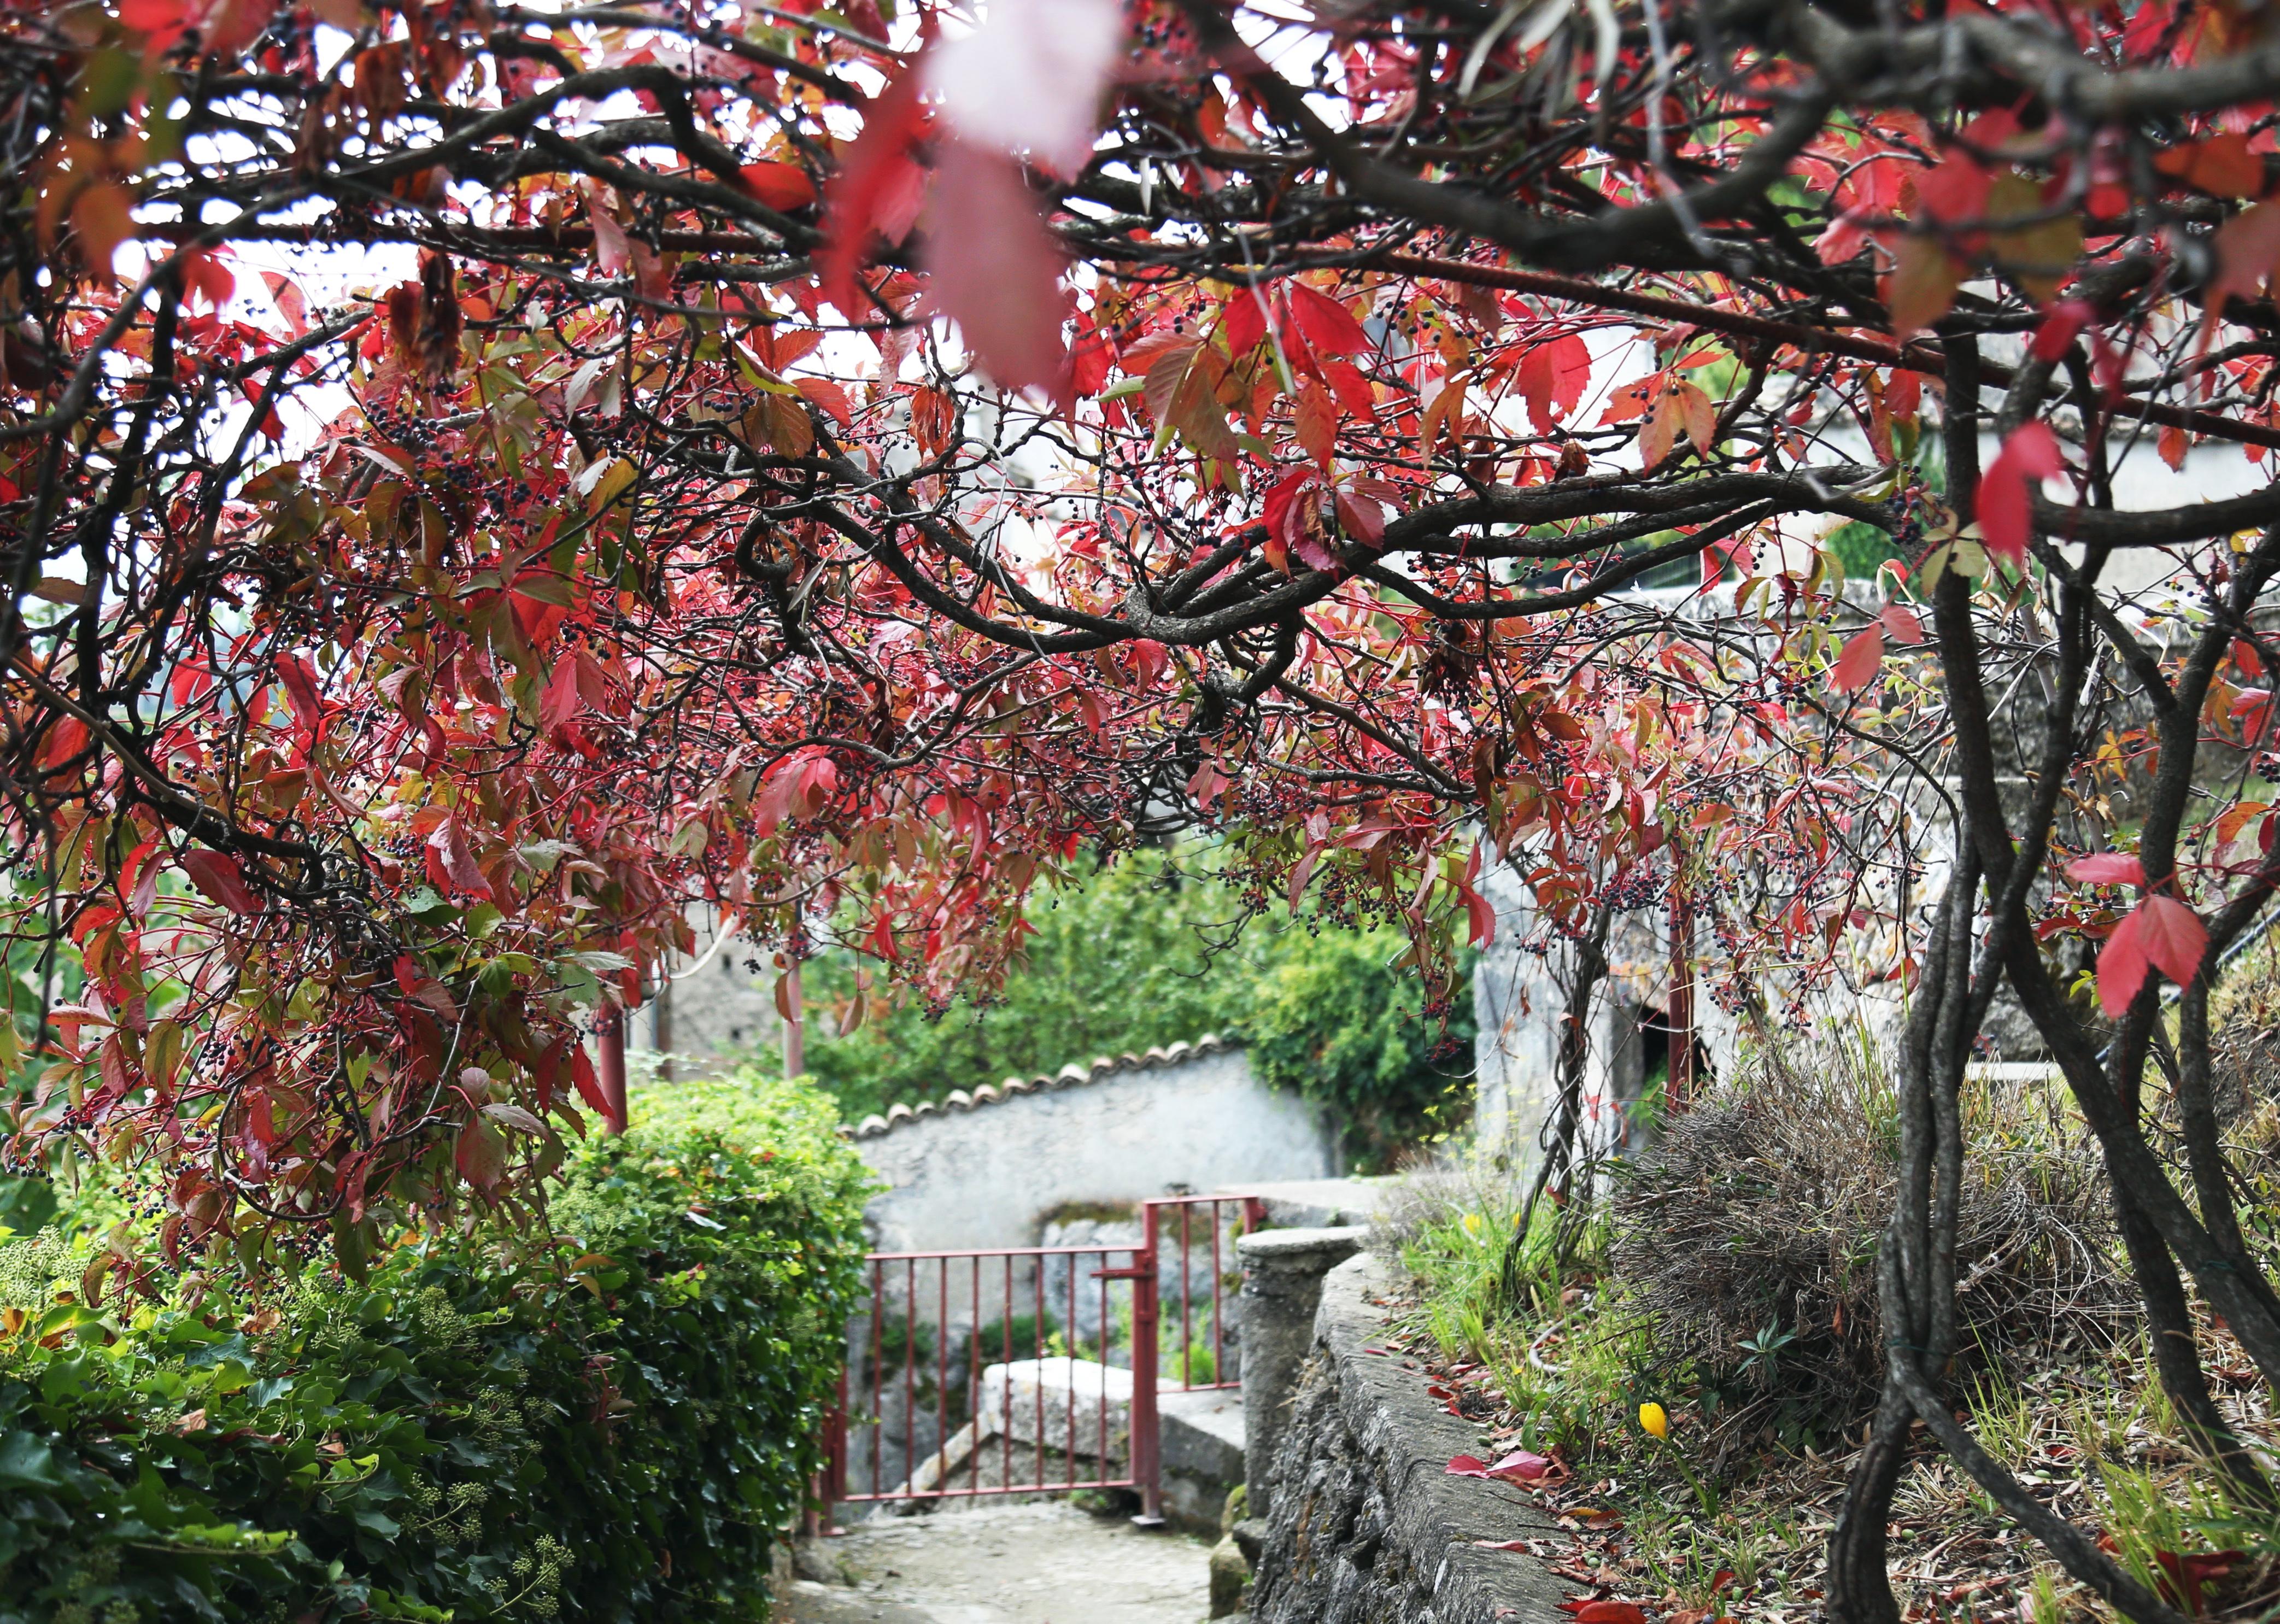 La Filanda dei Quintieri - Il sentiero che porta al ninfeo